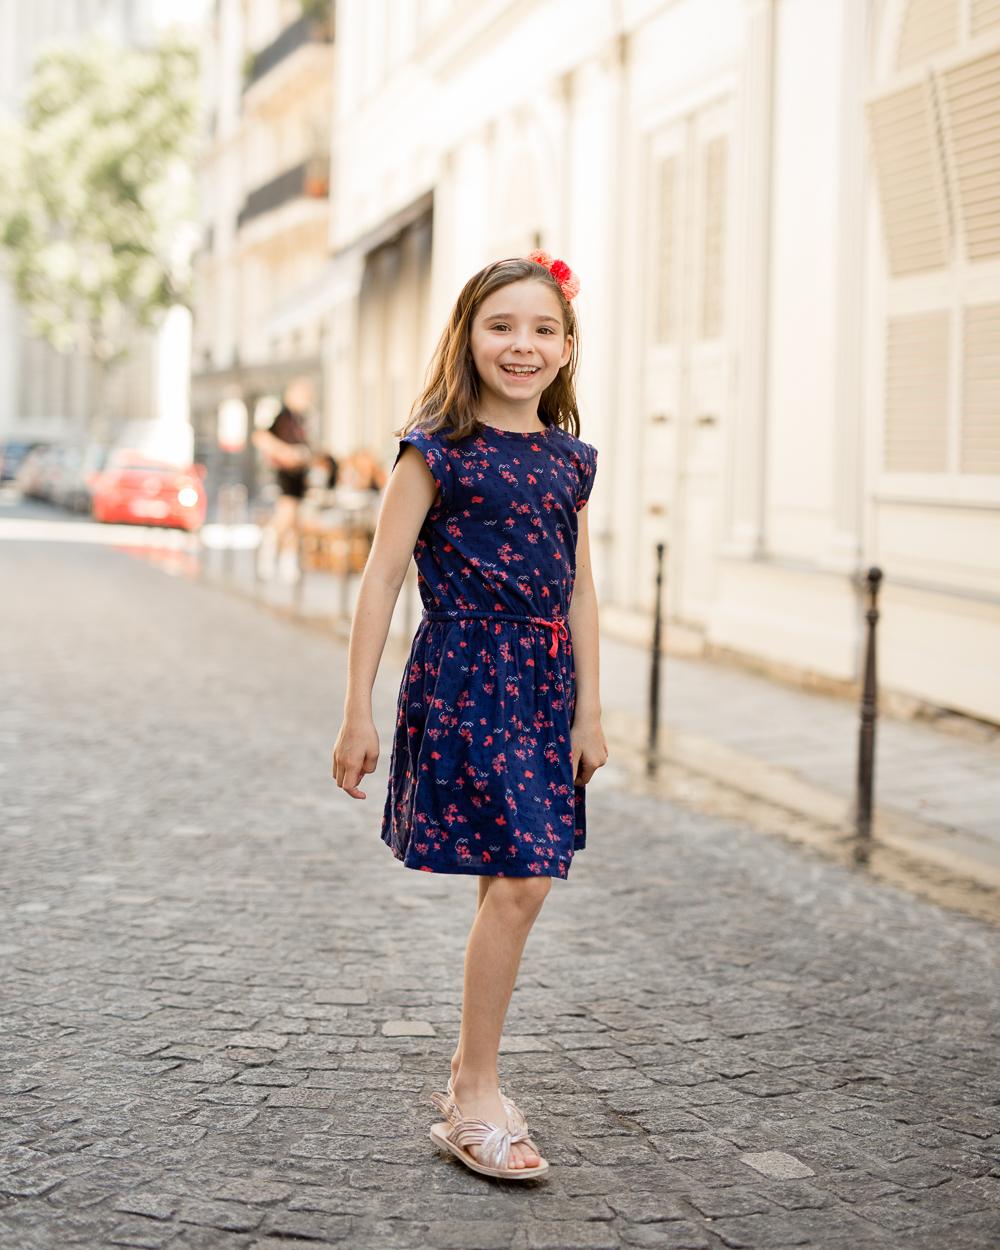 paris-family-portrait-photographer-location-ideas-paris-6_arrondissement_002.jpg